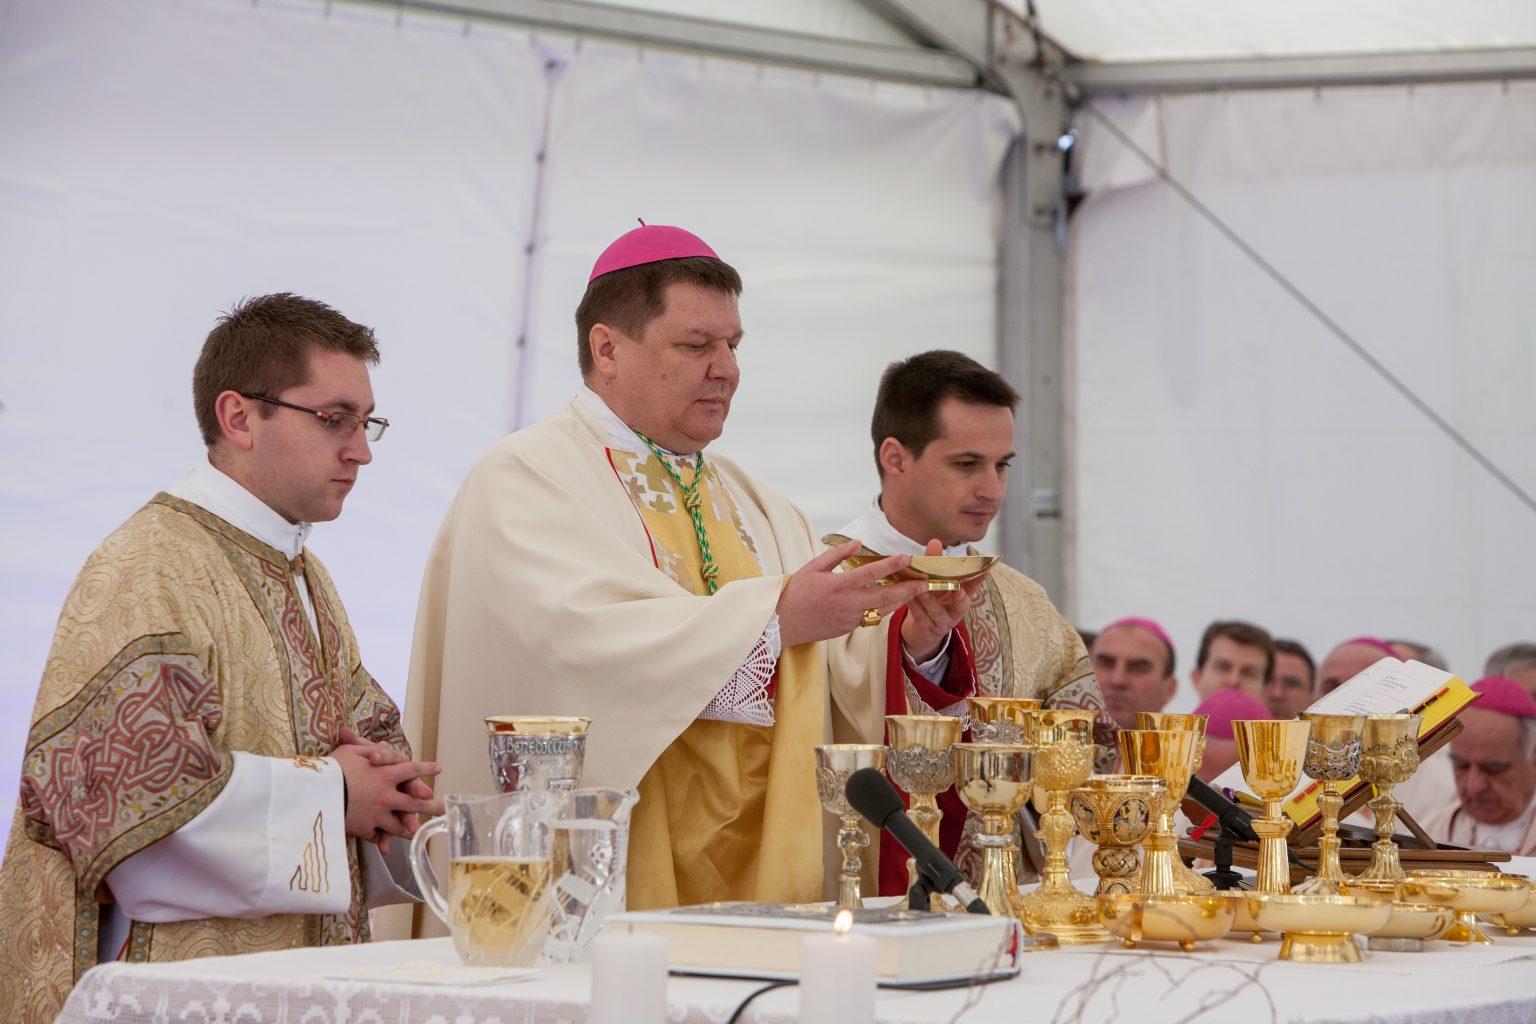 Biskup Huzjak: I u pandemiji, Križ Kristov i uskrsnuće pokazujunam put kojim nam je ići, strpljivo i ustrajno!